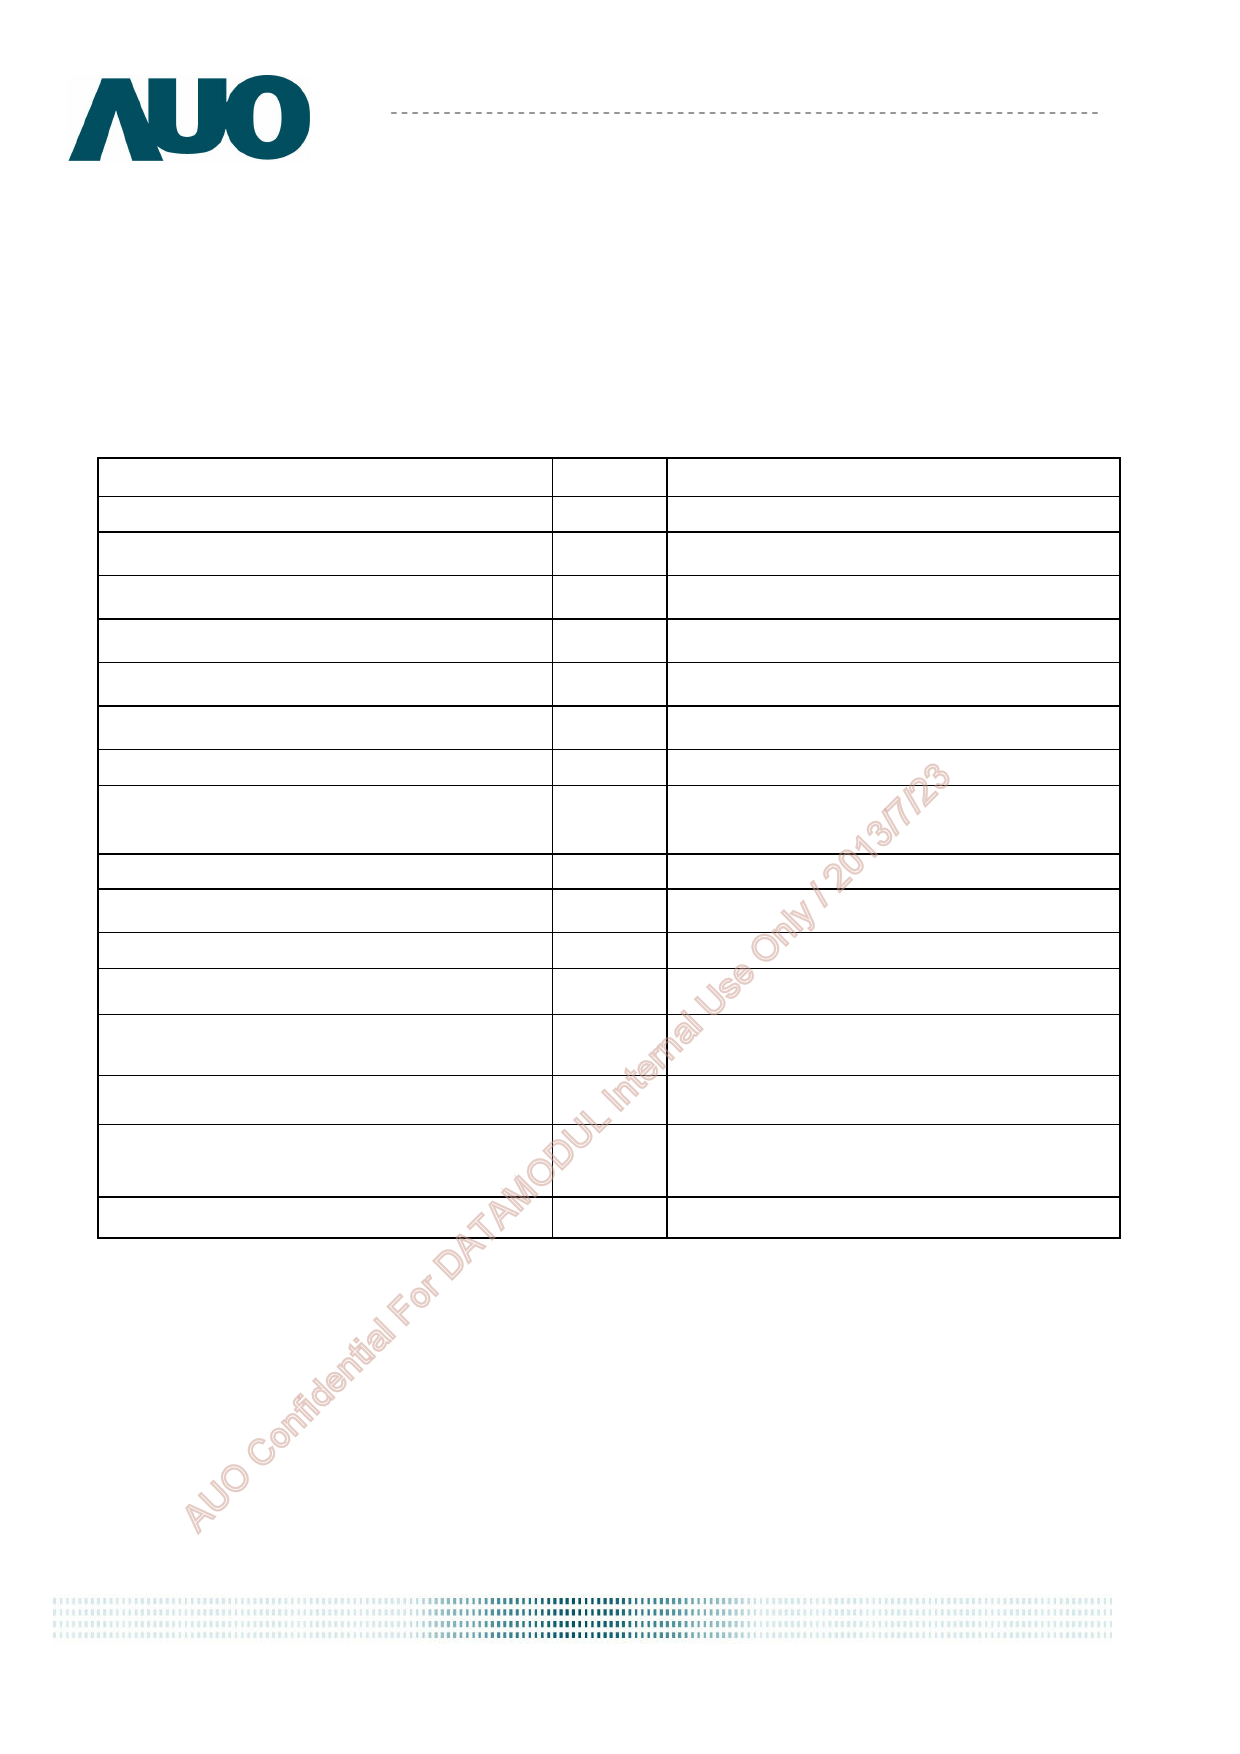 G043FW01-V0 pdf